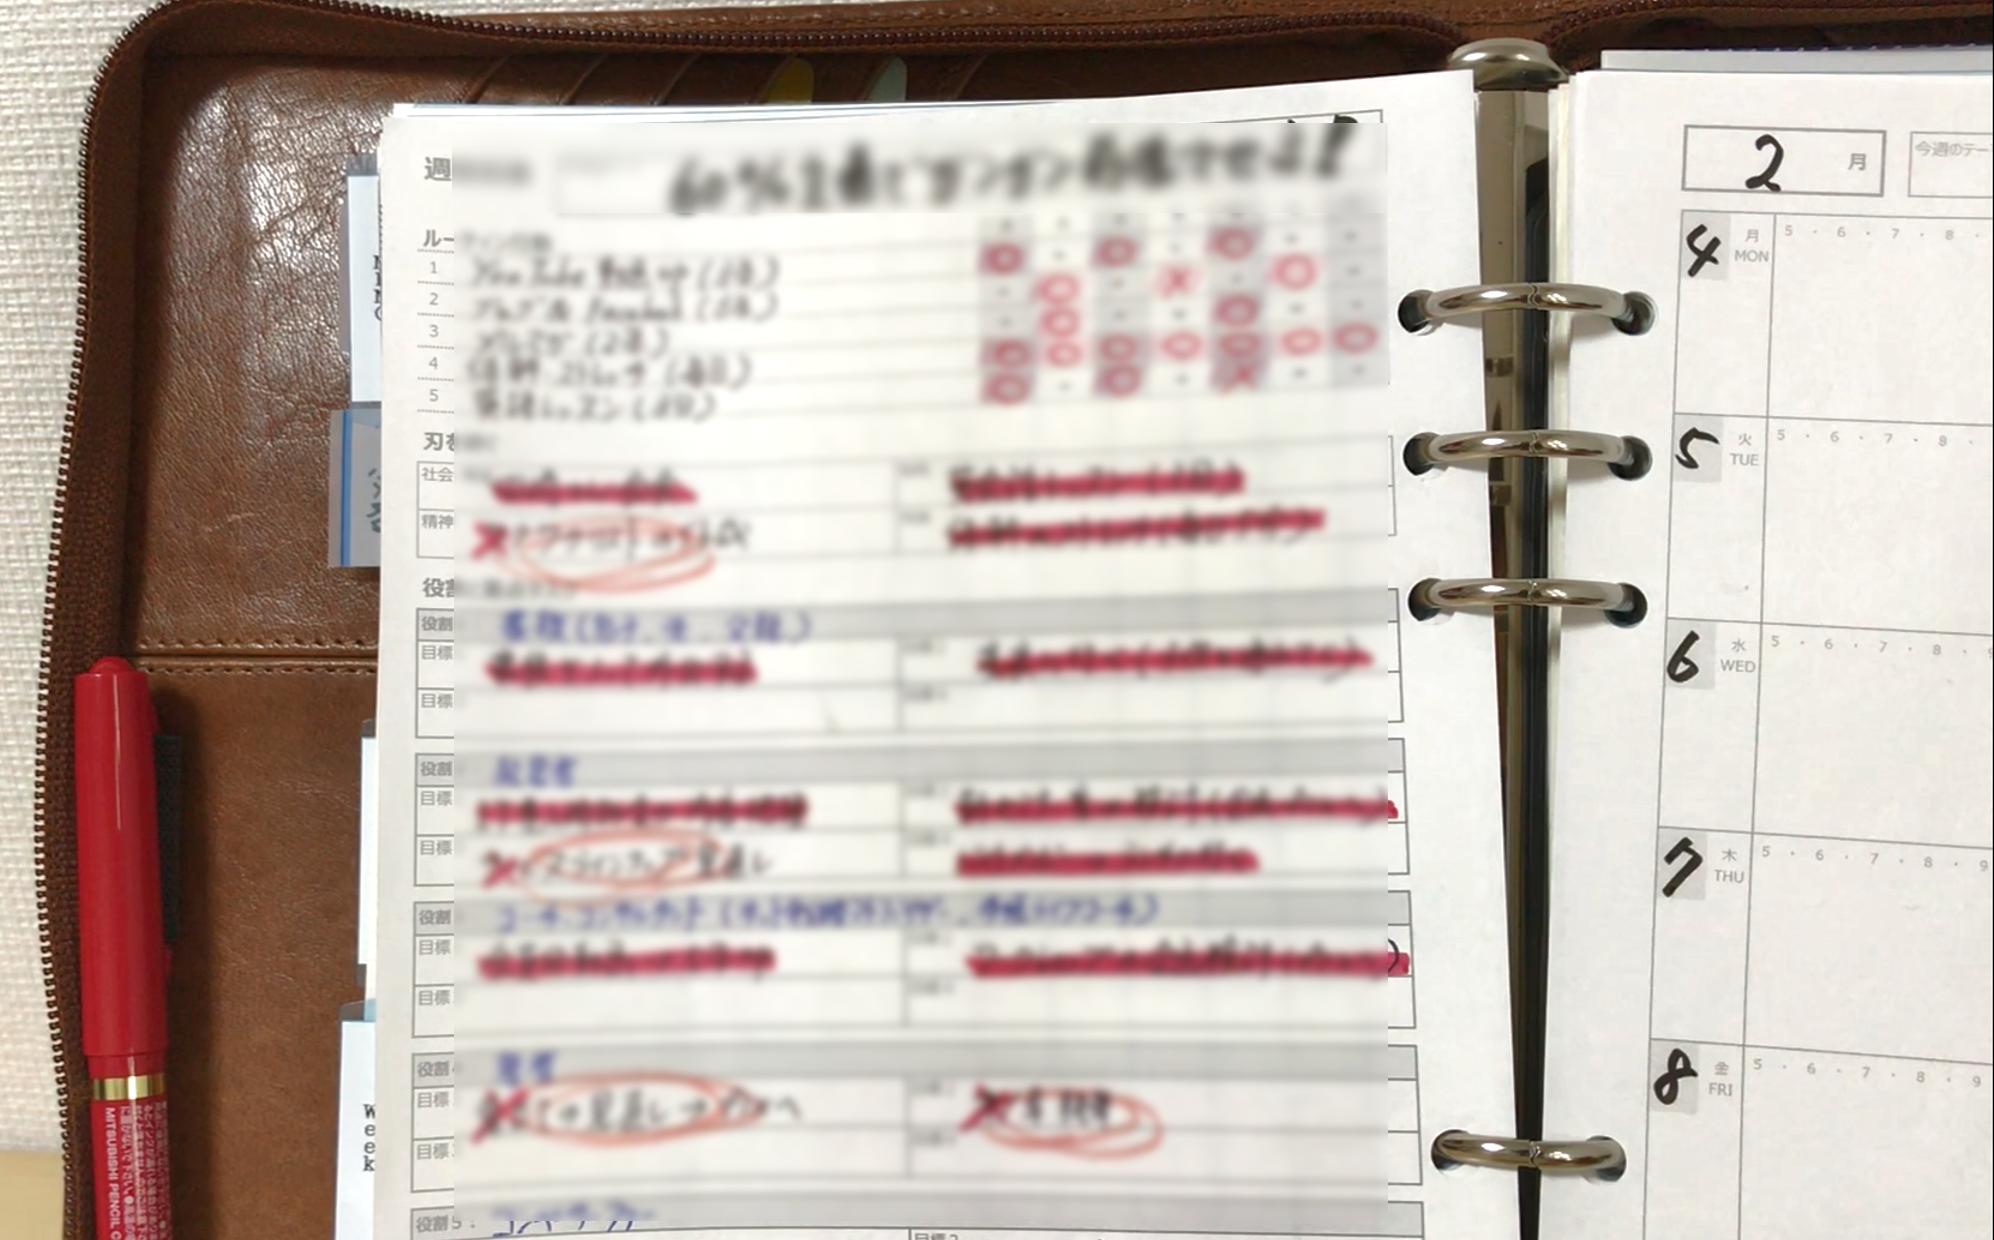 【会員限定動画】週間行動計画表、ウィークリーリフィルの活用事例(1)目標記入欄